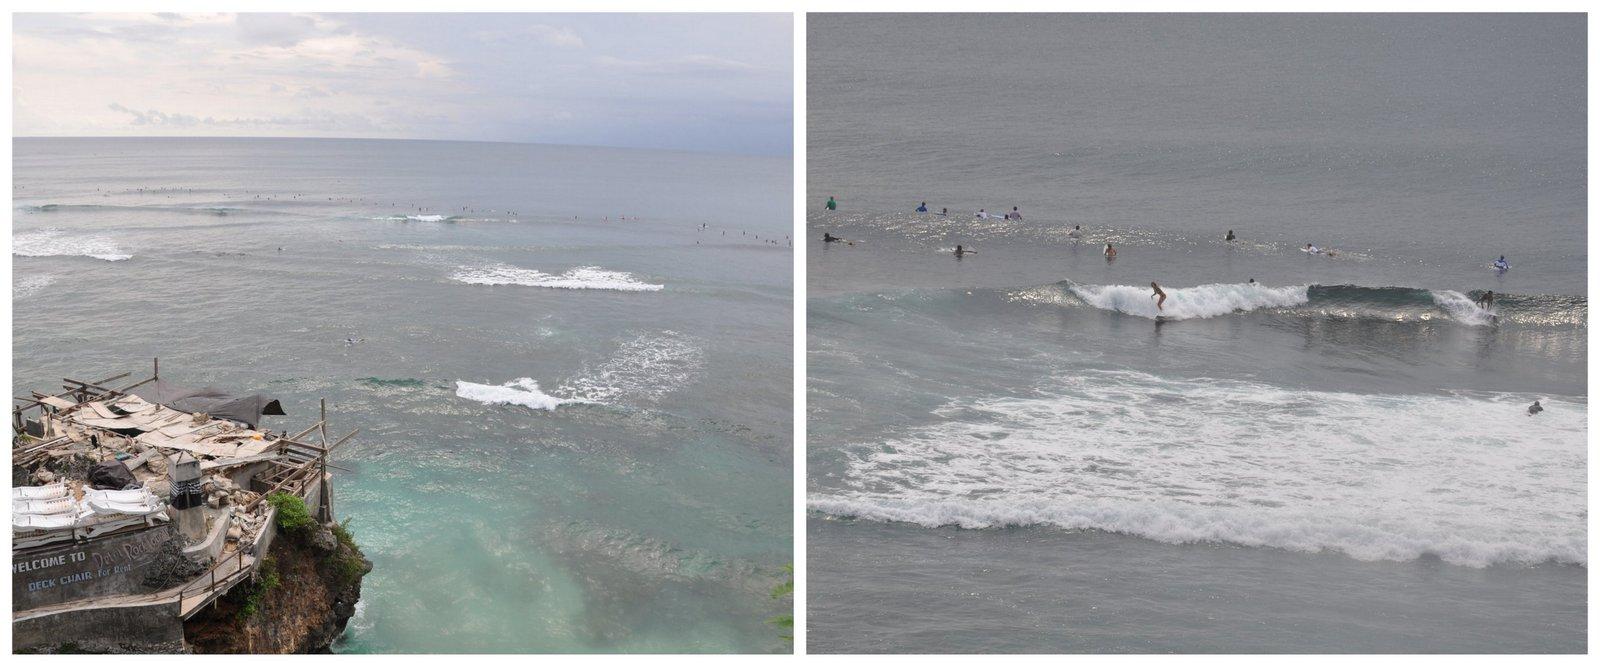 bali uluwatu-surf